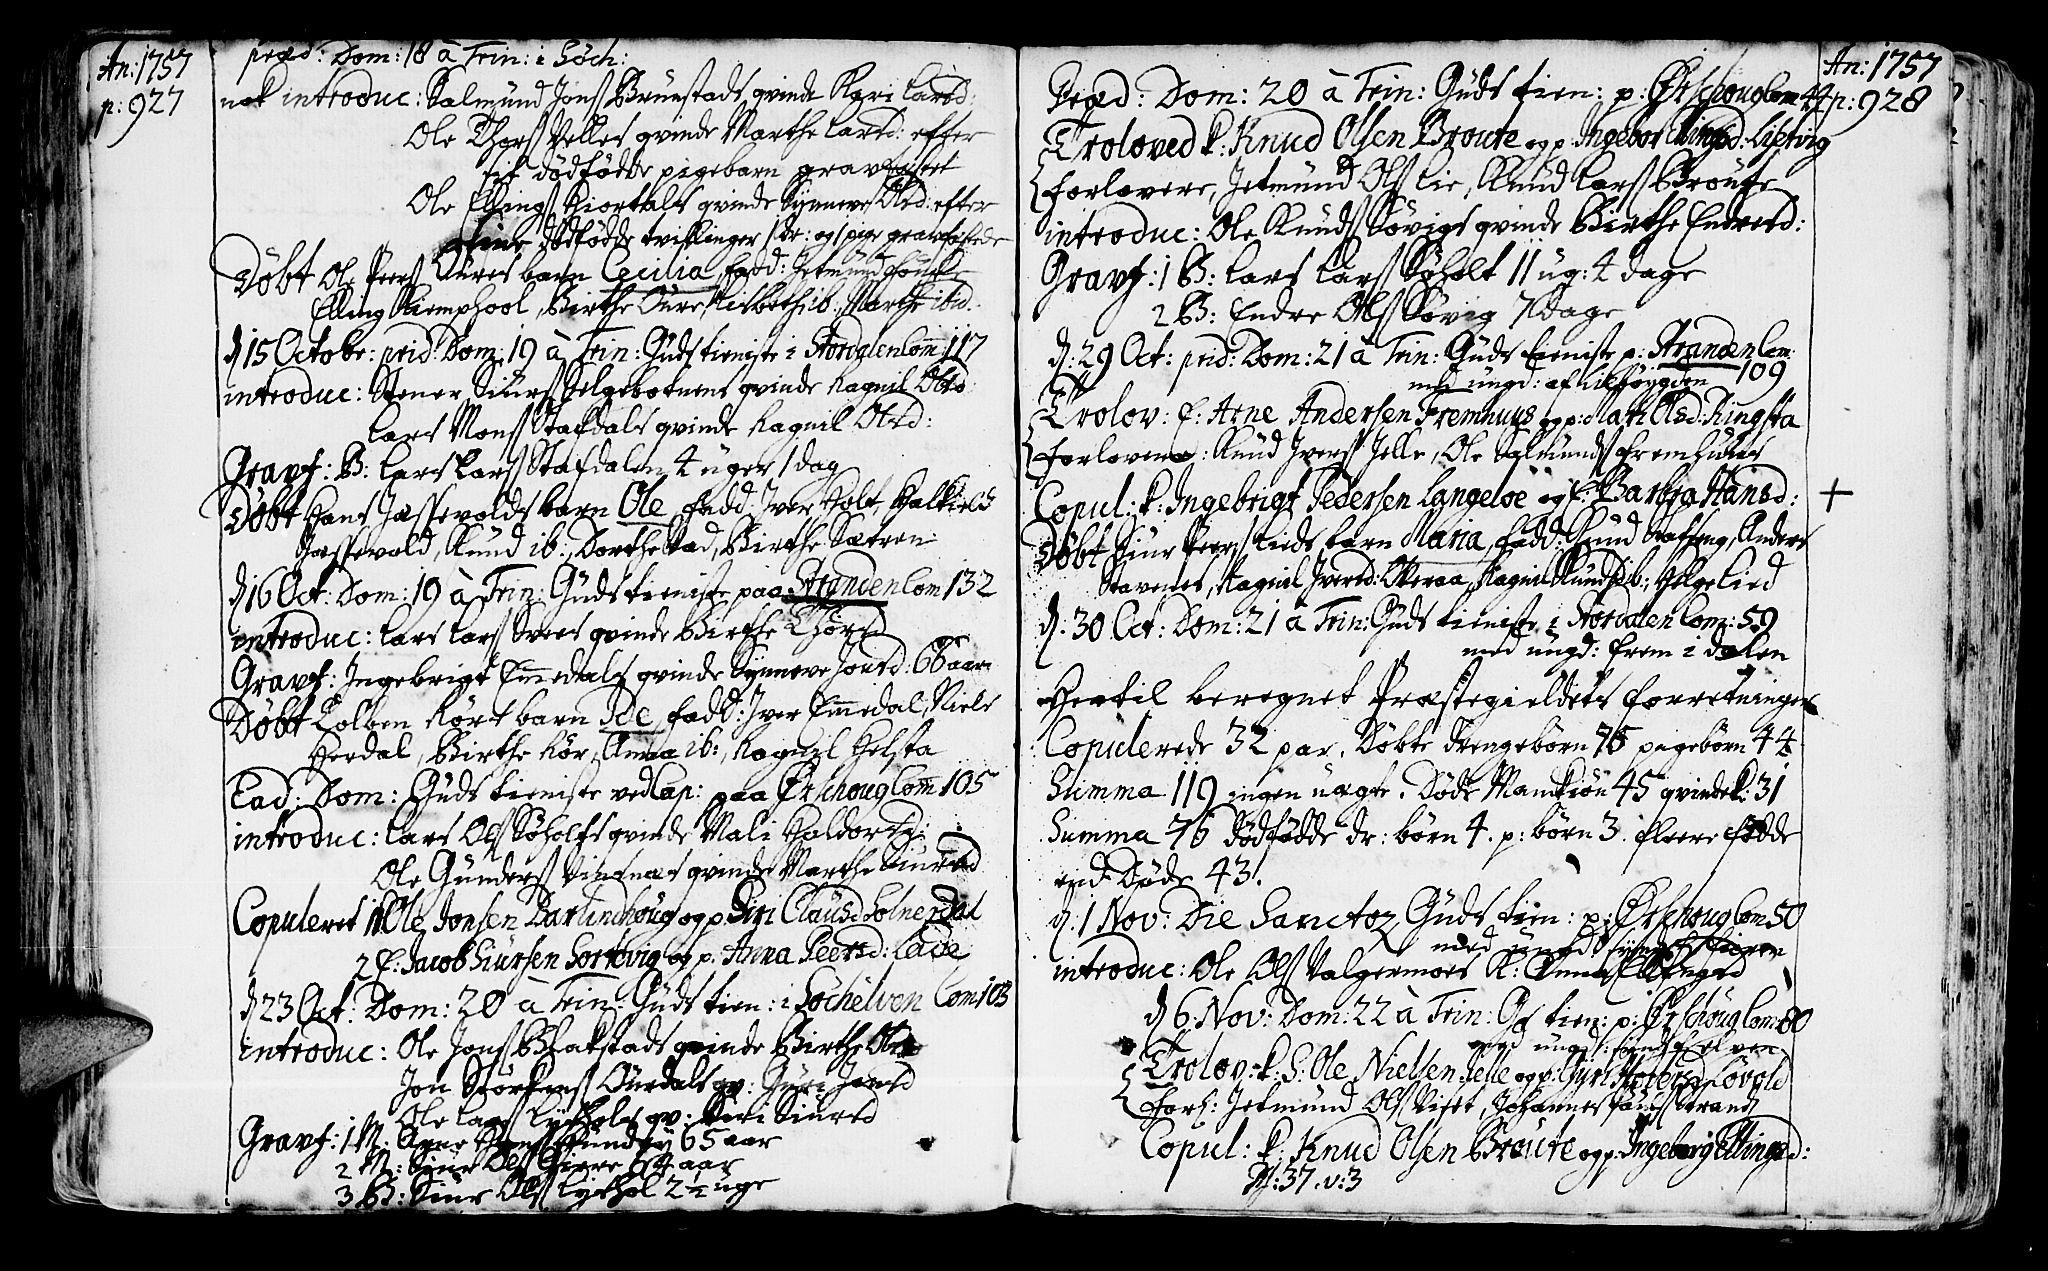 SAT, Ministerialprotokoller, klokkerbøker og fødselsregistre - Møre og Romsdal, 522/L0307: Ministerialbok nr. 522A02, 1743-1773, s. 927-928